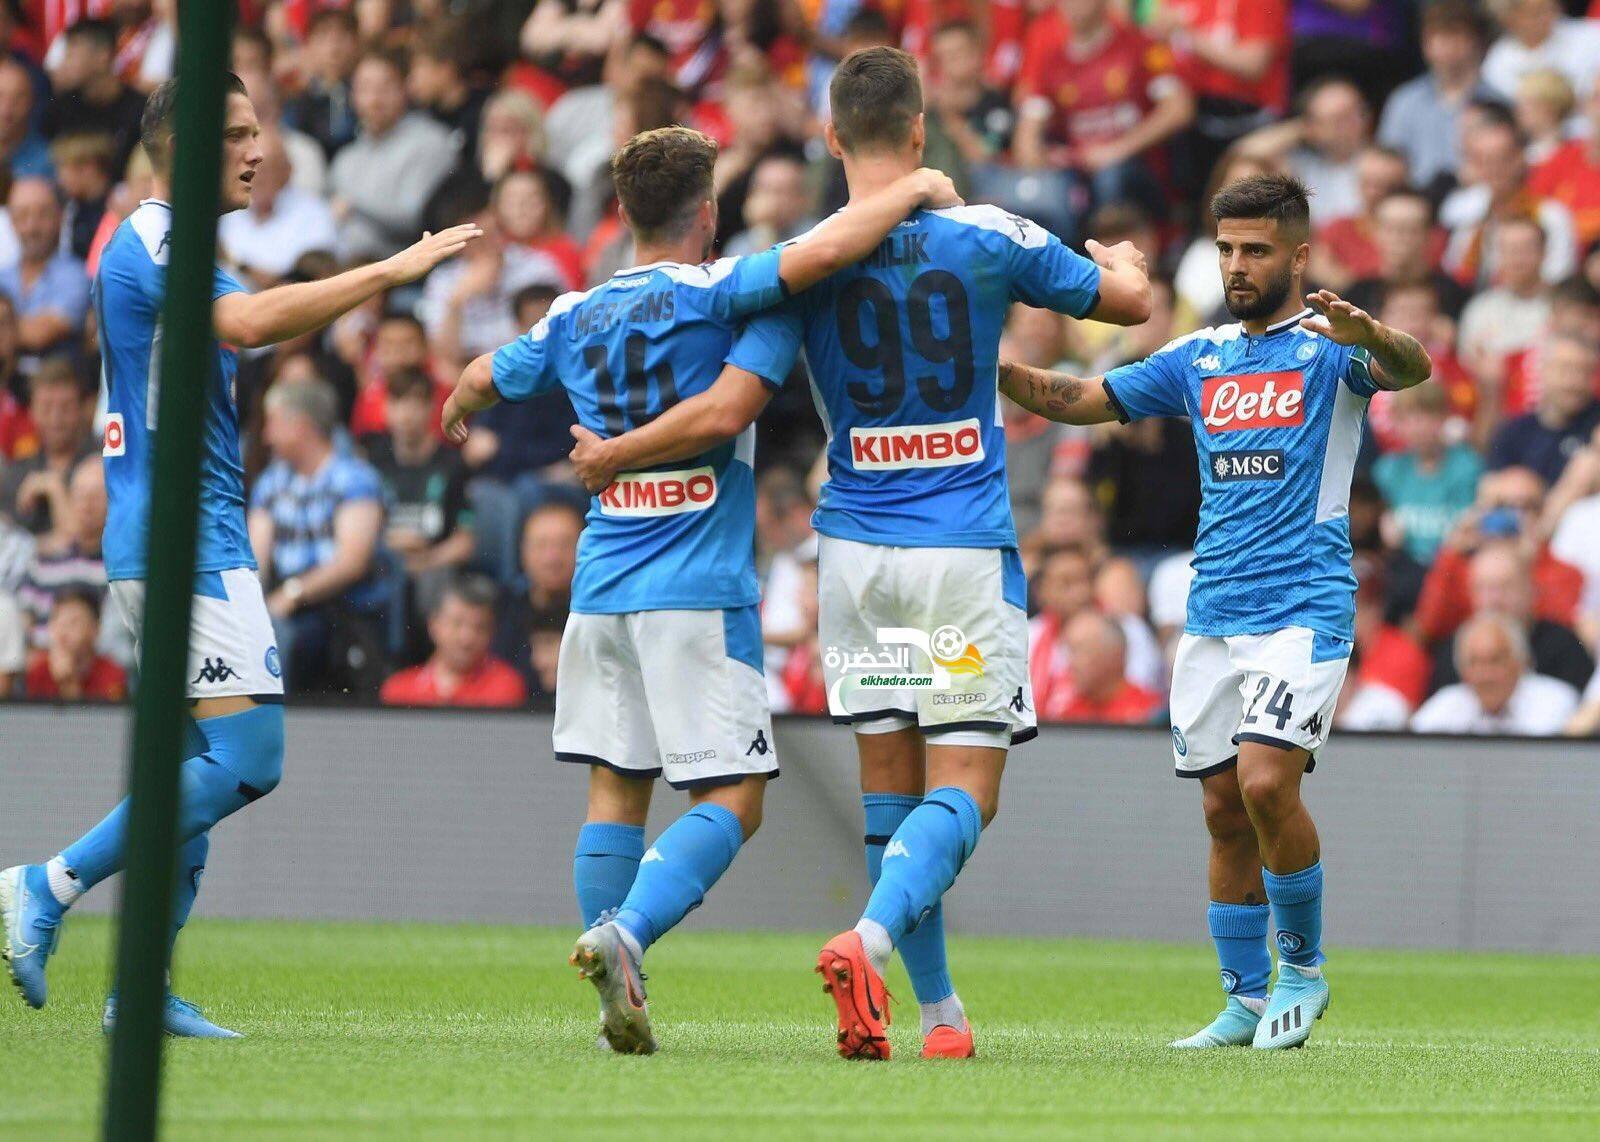 غلام بديل في الفوز الكبير لنابولي أمام ليفربول وديا 24